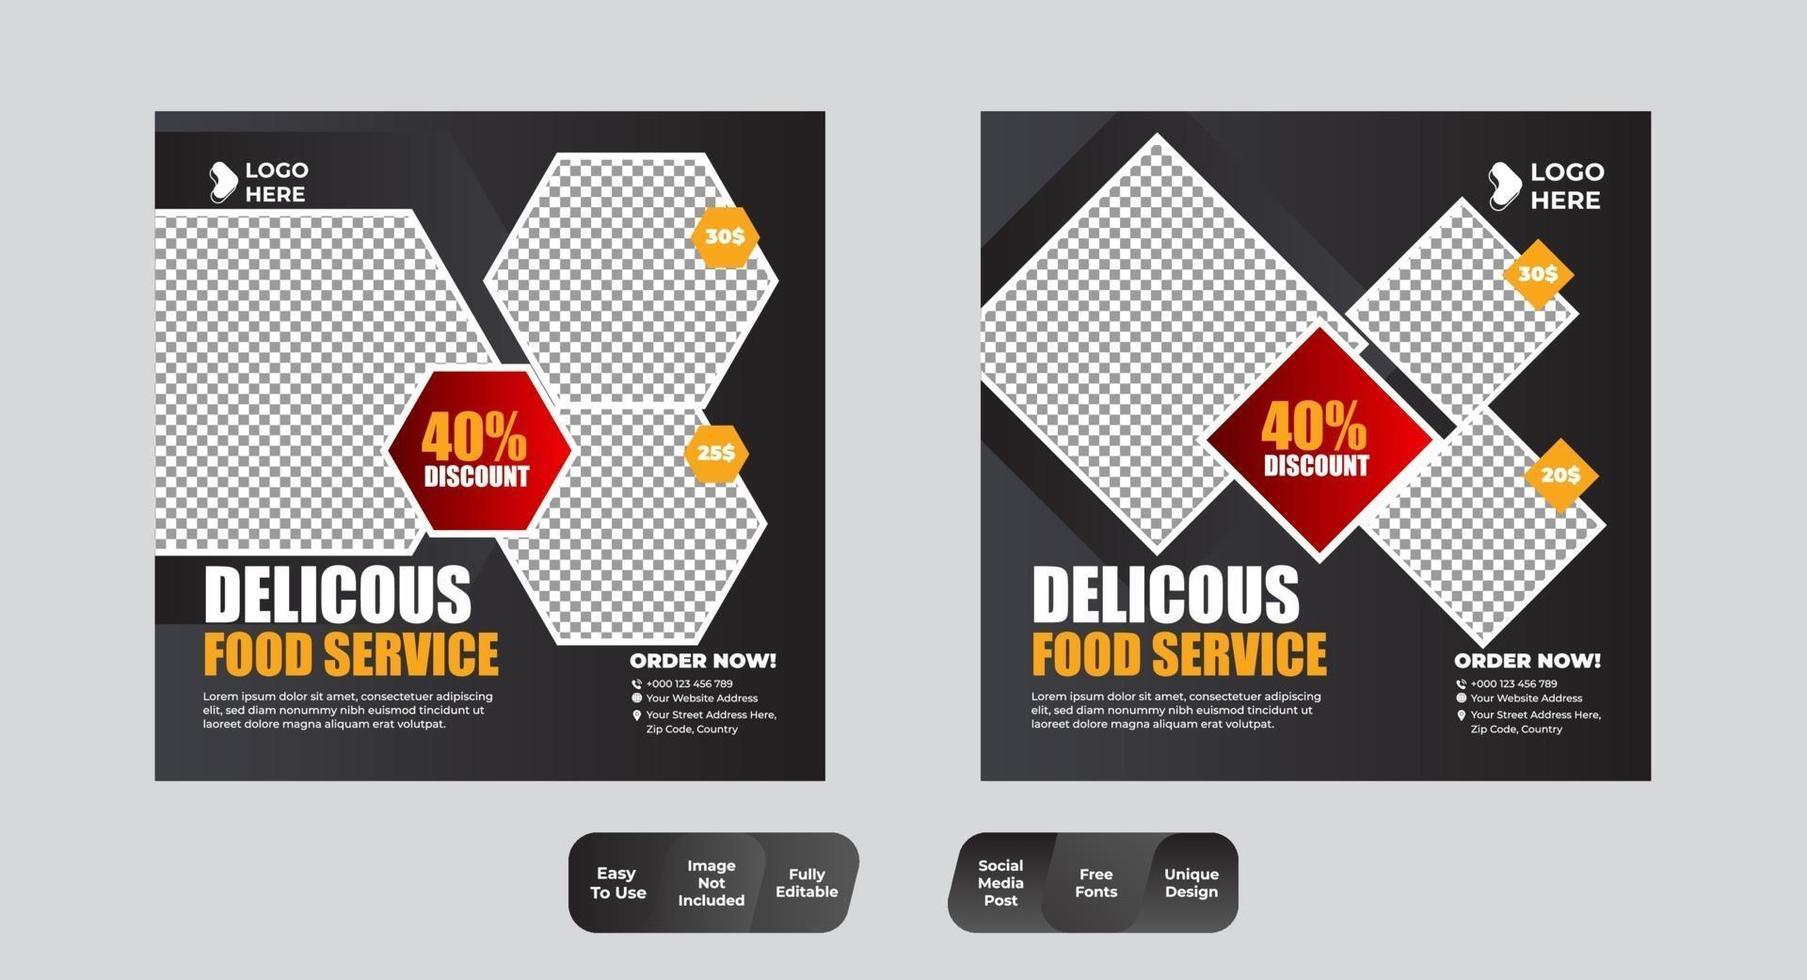 ensemble de publications sur les réseaux sociaux nourriture et boisson vecteur